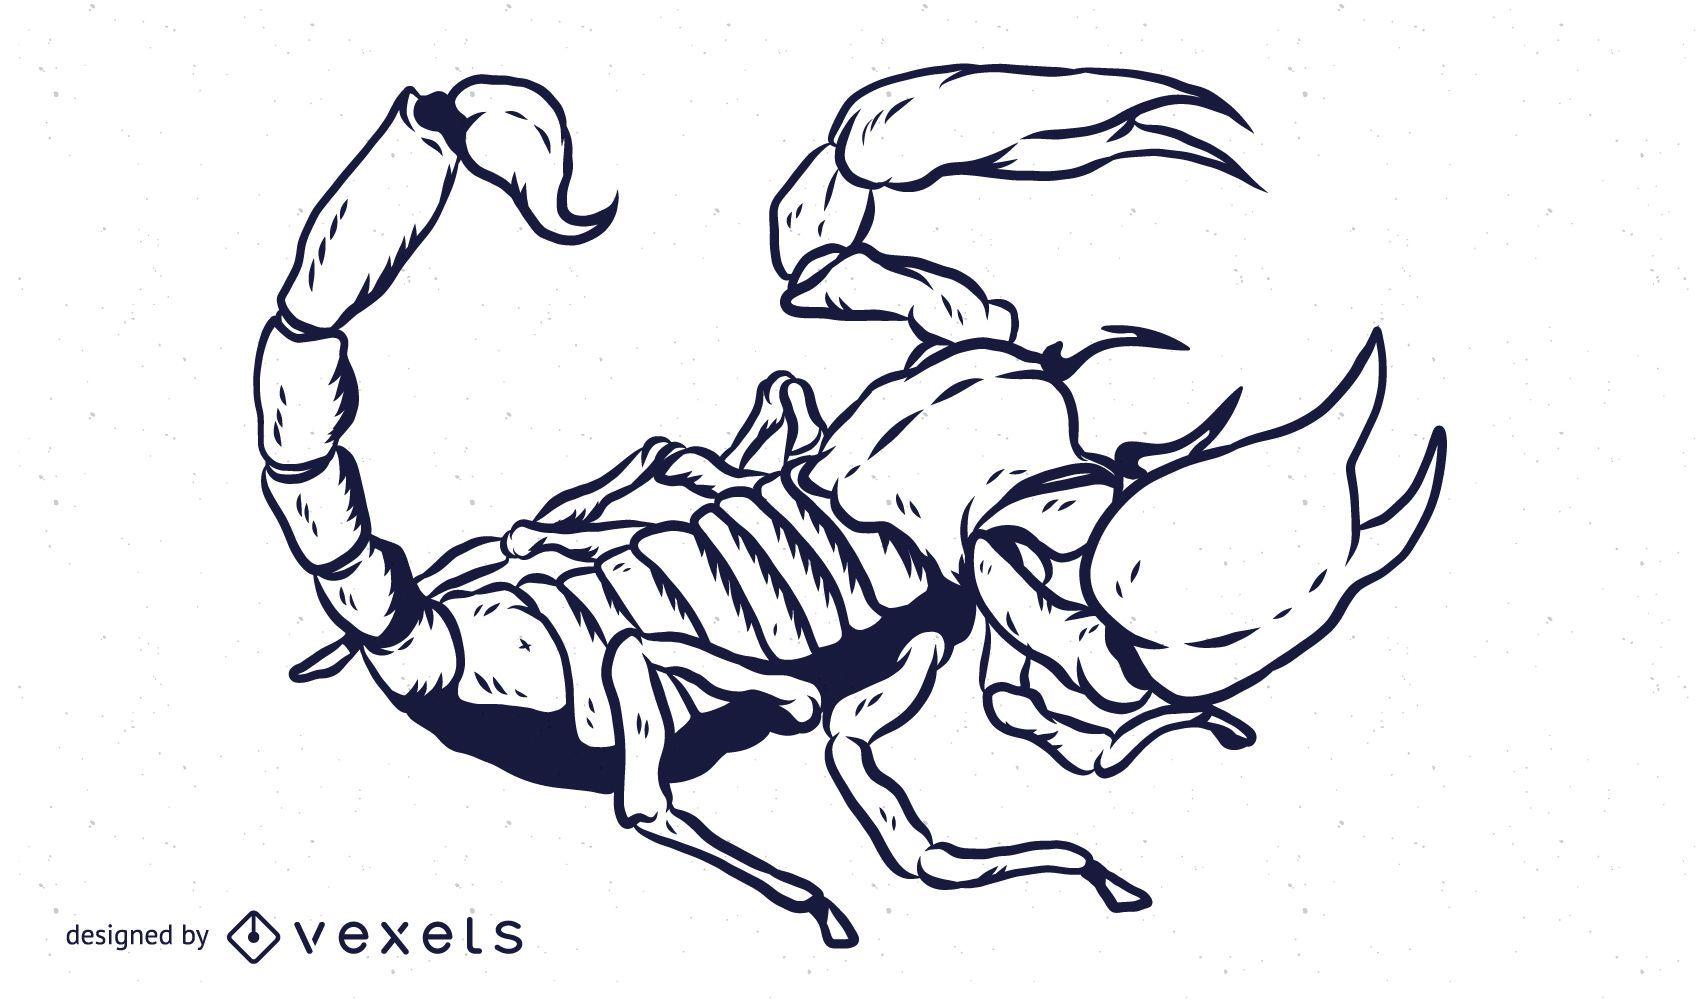 Dise?o de contorno dibujado a mano de escorpi?n